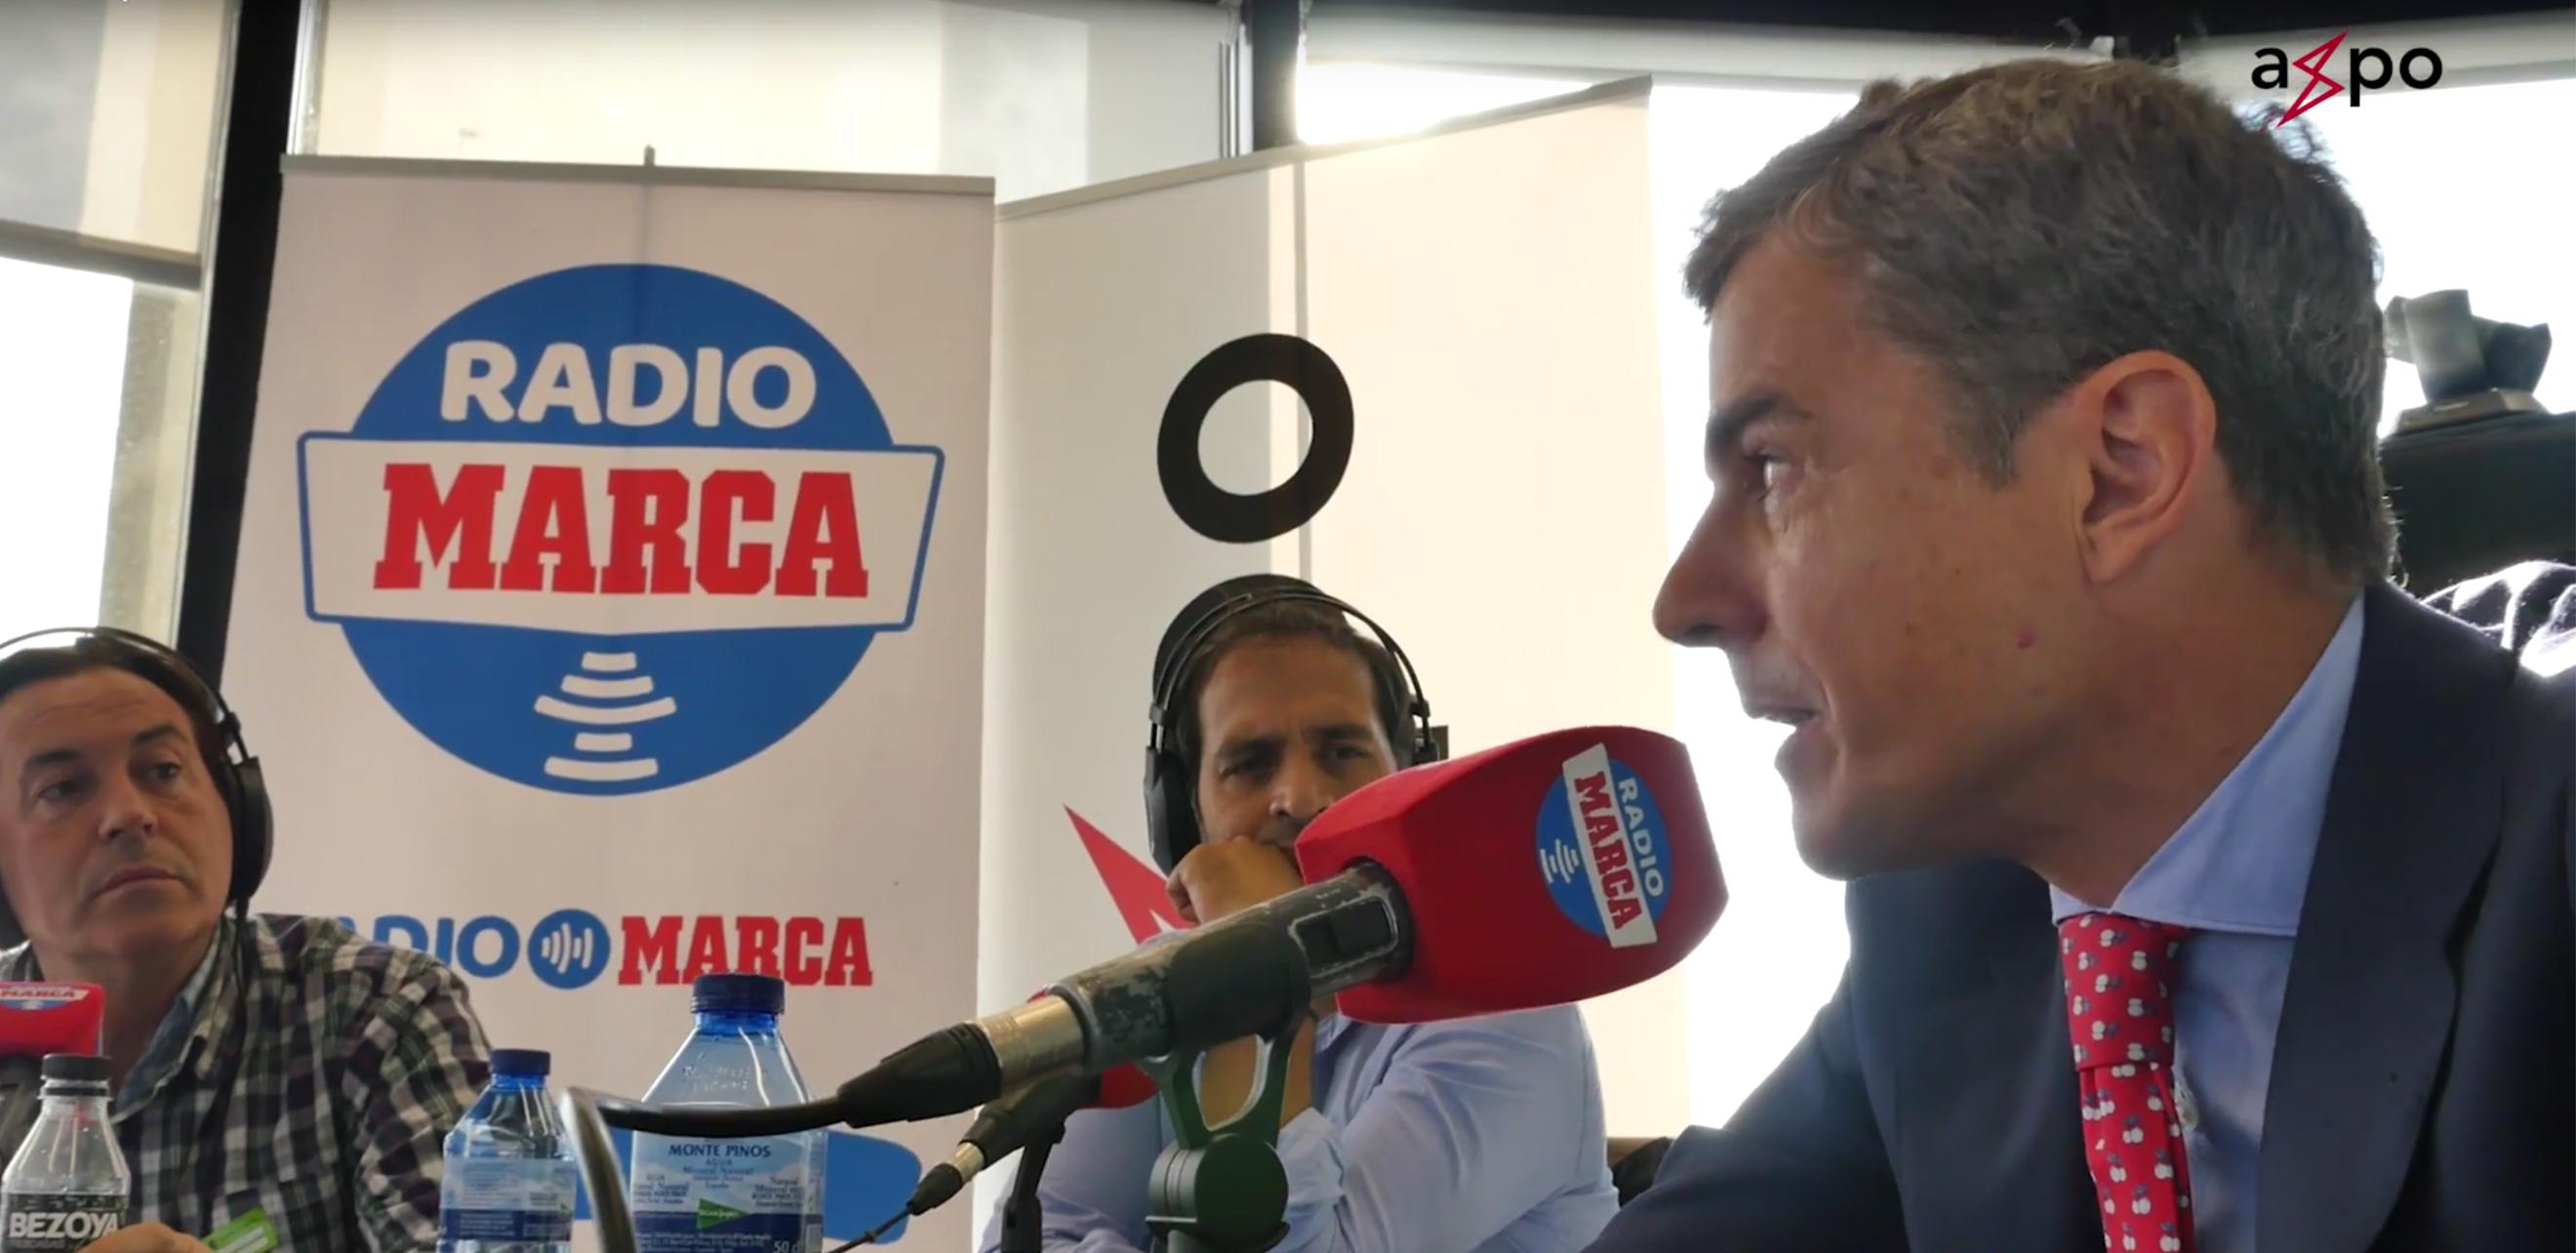 AXPO Radio Marca